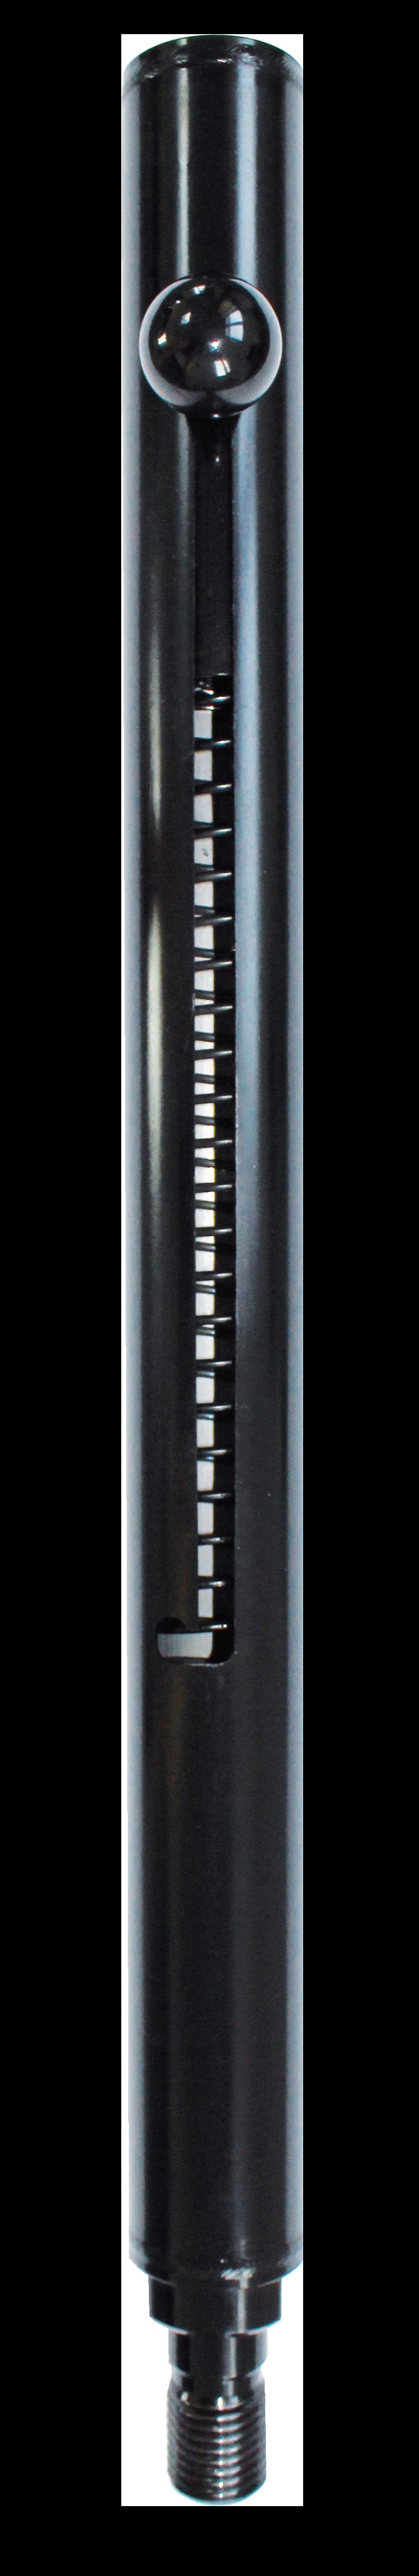 Bohrkern-Extraktor